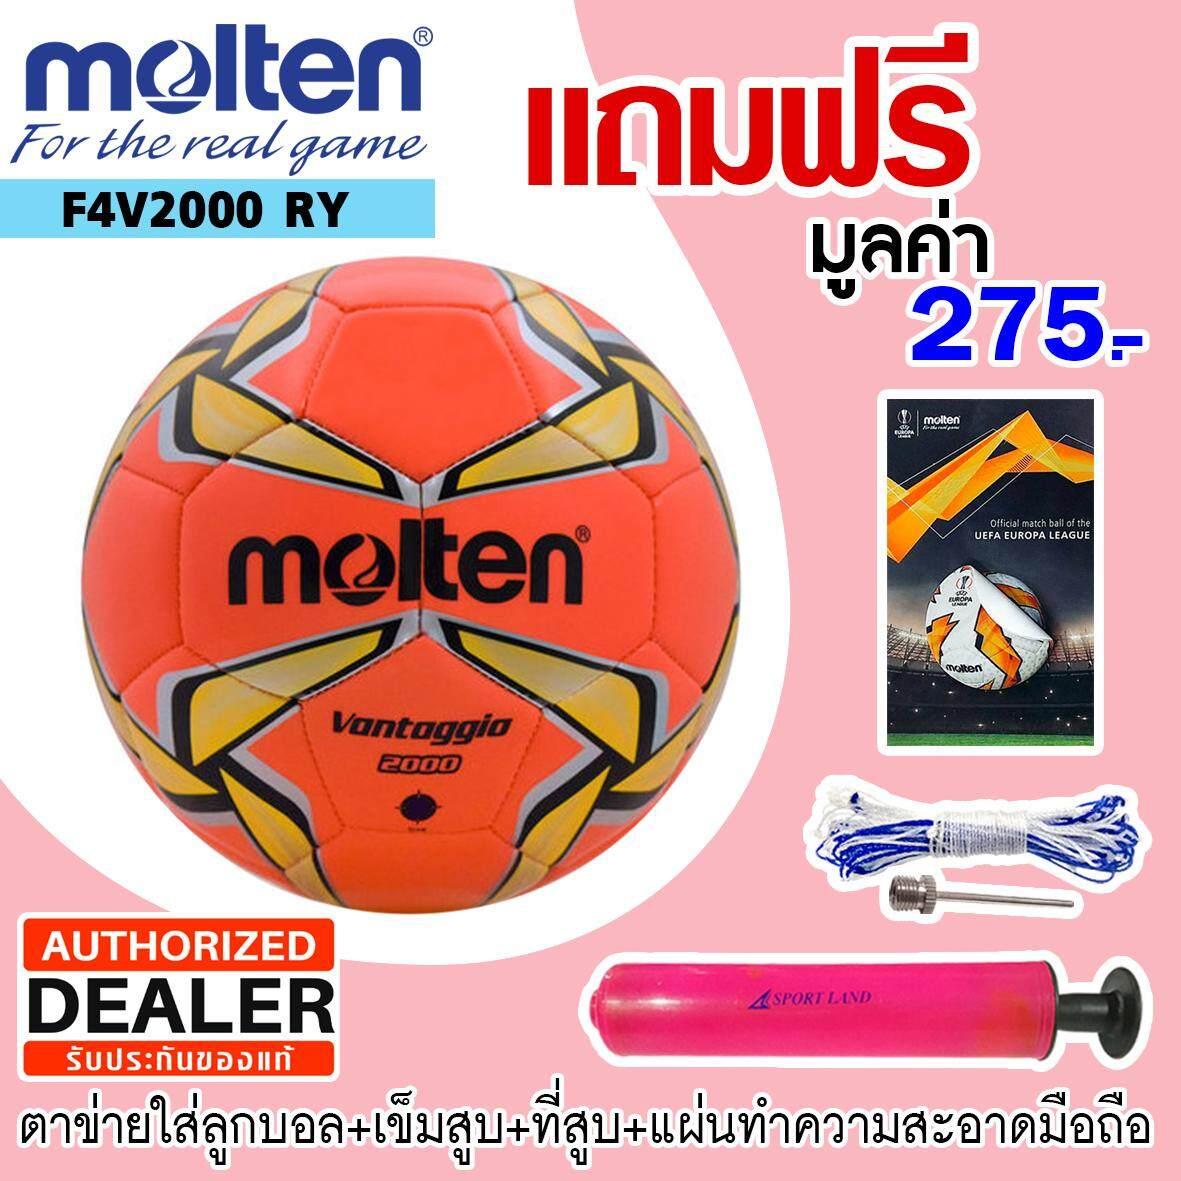 ยี่ห้อไหนดี  MOLTEN ฟุตบอลหนังเย็บ มอลเทน Football MS-TPU F4V2000 RY  แถมฟรี ตาข่ายใส่ลูกฟุตบอล + เข็มสูบลม + สูบมือ SPL รุ่น SL6 สีชมพู + แผ่นทำความสะอาดมือถือ